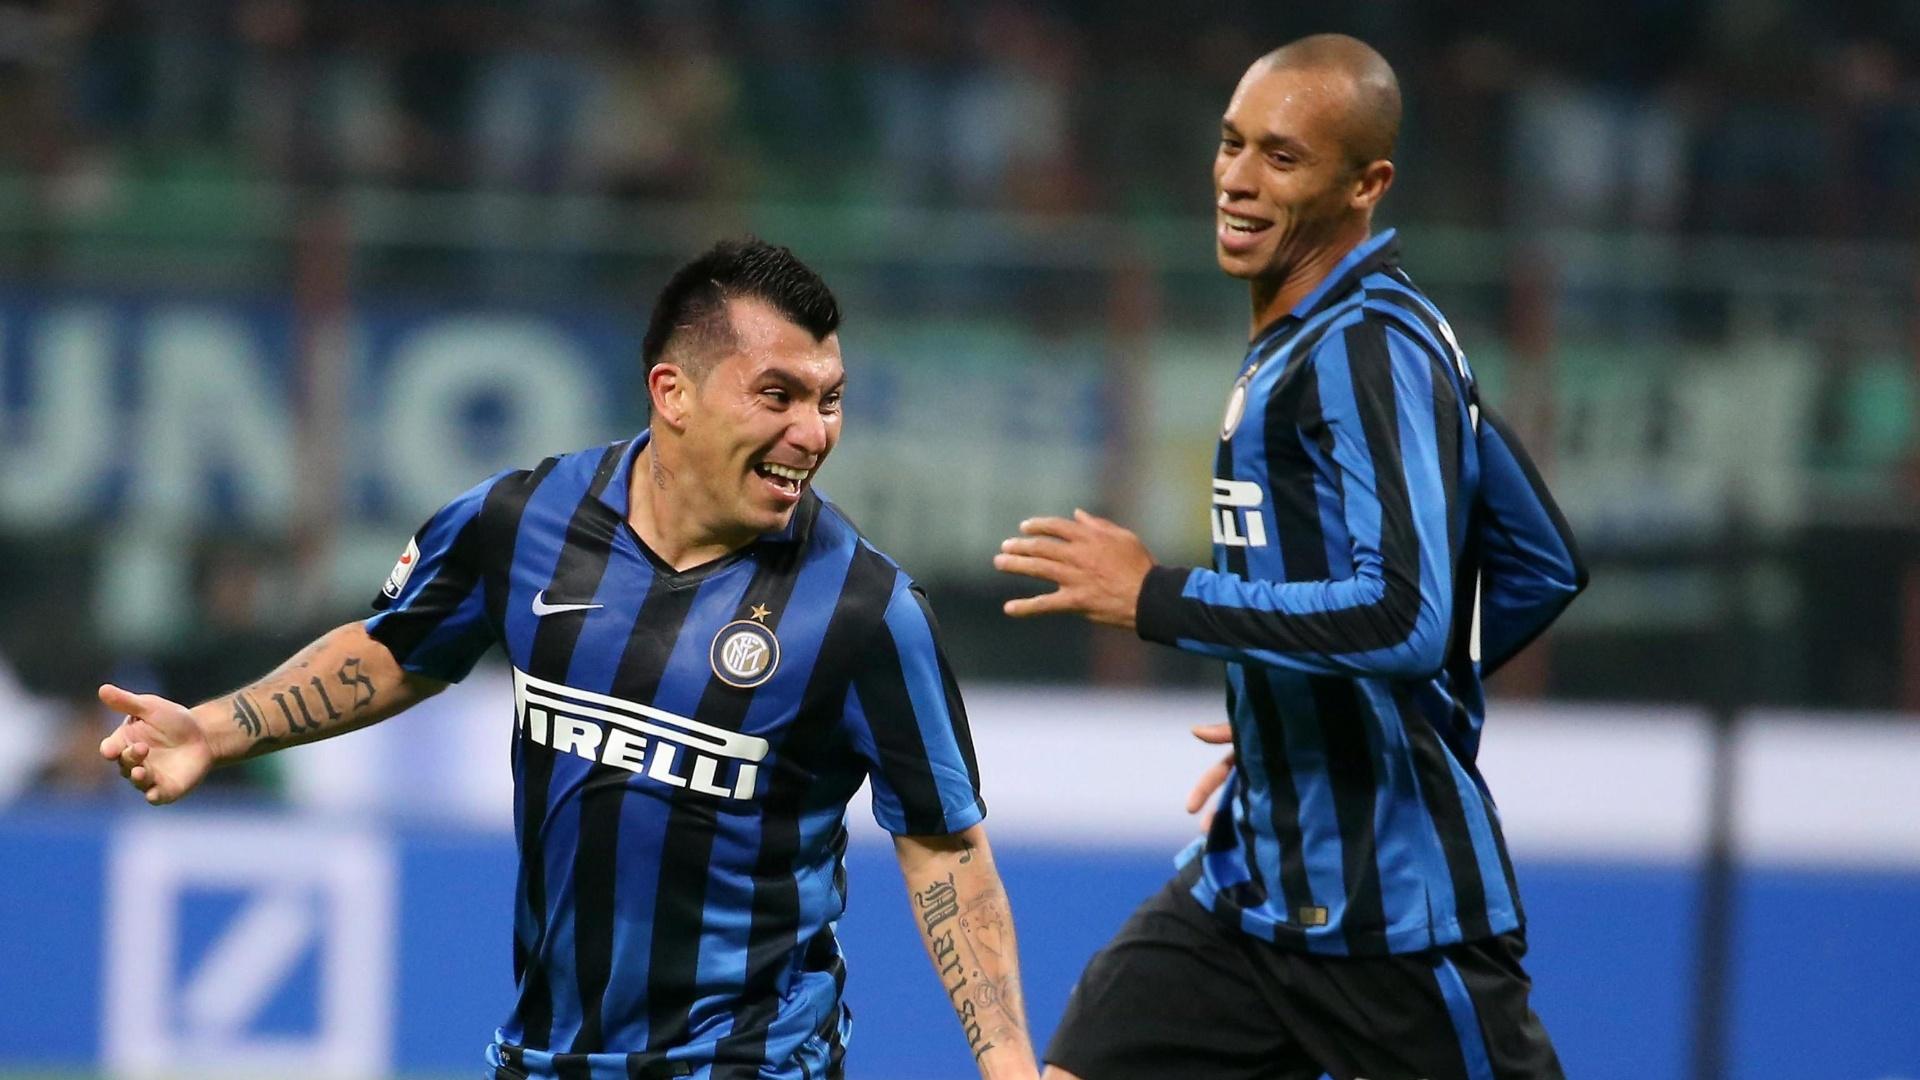 Medel comemora com Miranda após marcar o gol da vitória da Internazionale sobre a Roma pelo Campeonato Italiano